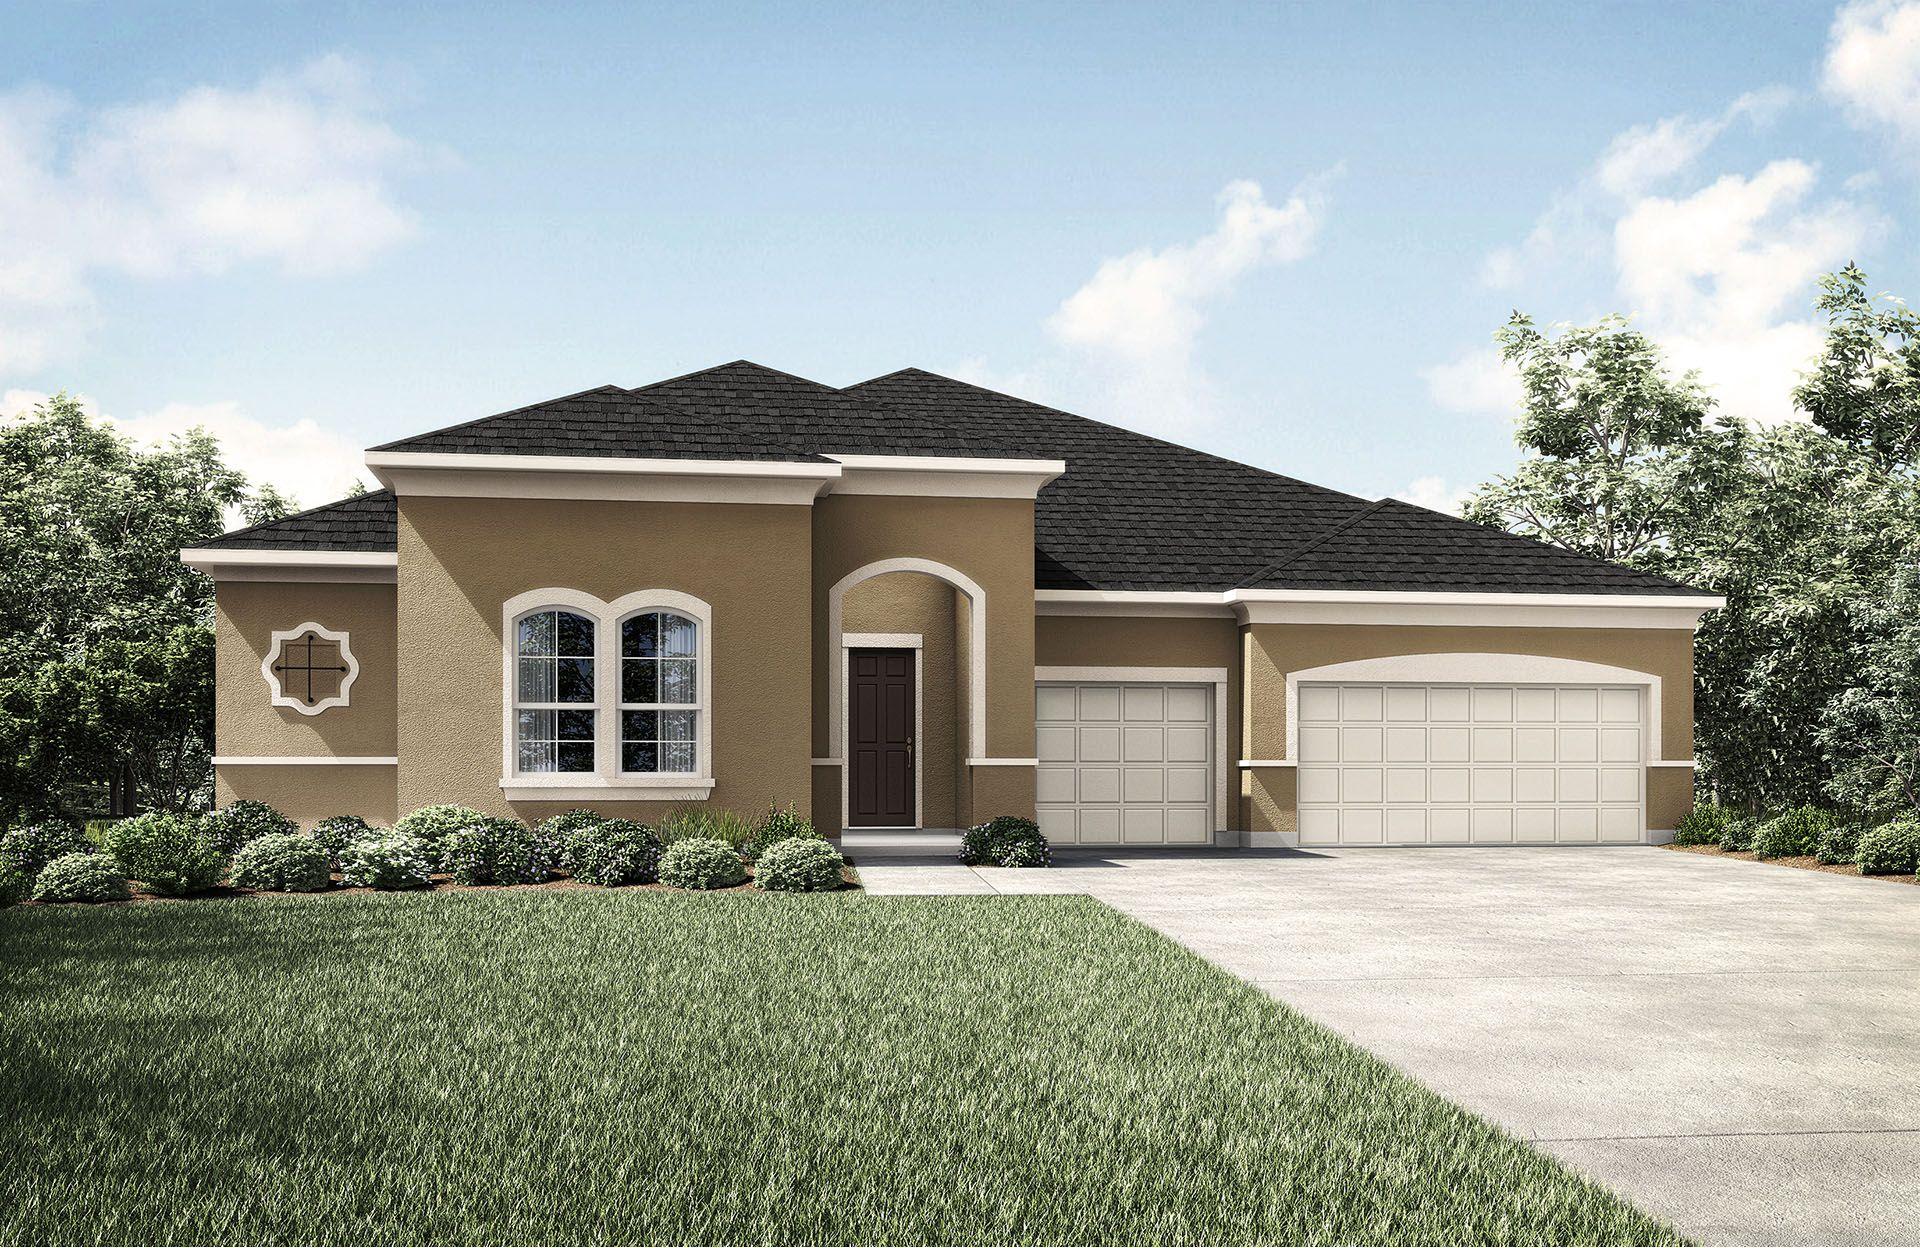 Uma única Família para Venda às Magnolia Point - Teagan 3695 Red Hawk Ct. Green Cove Springs, Florida 32043 United States